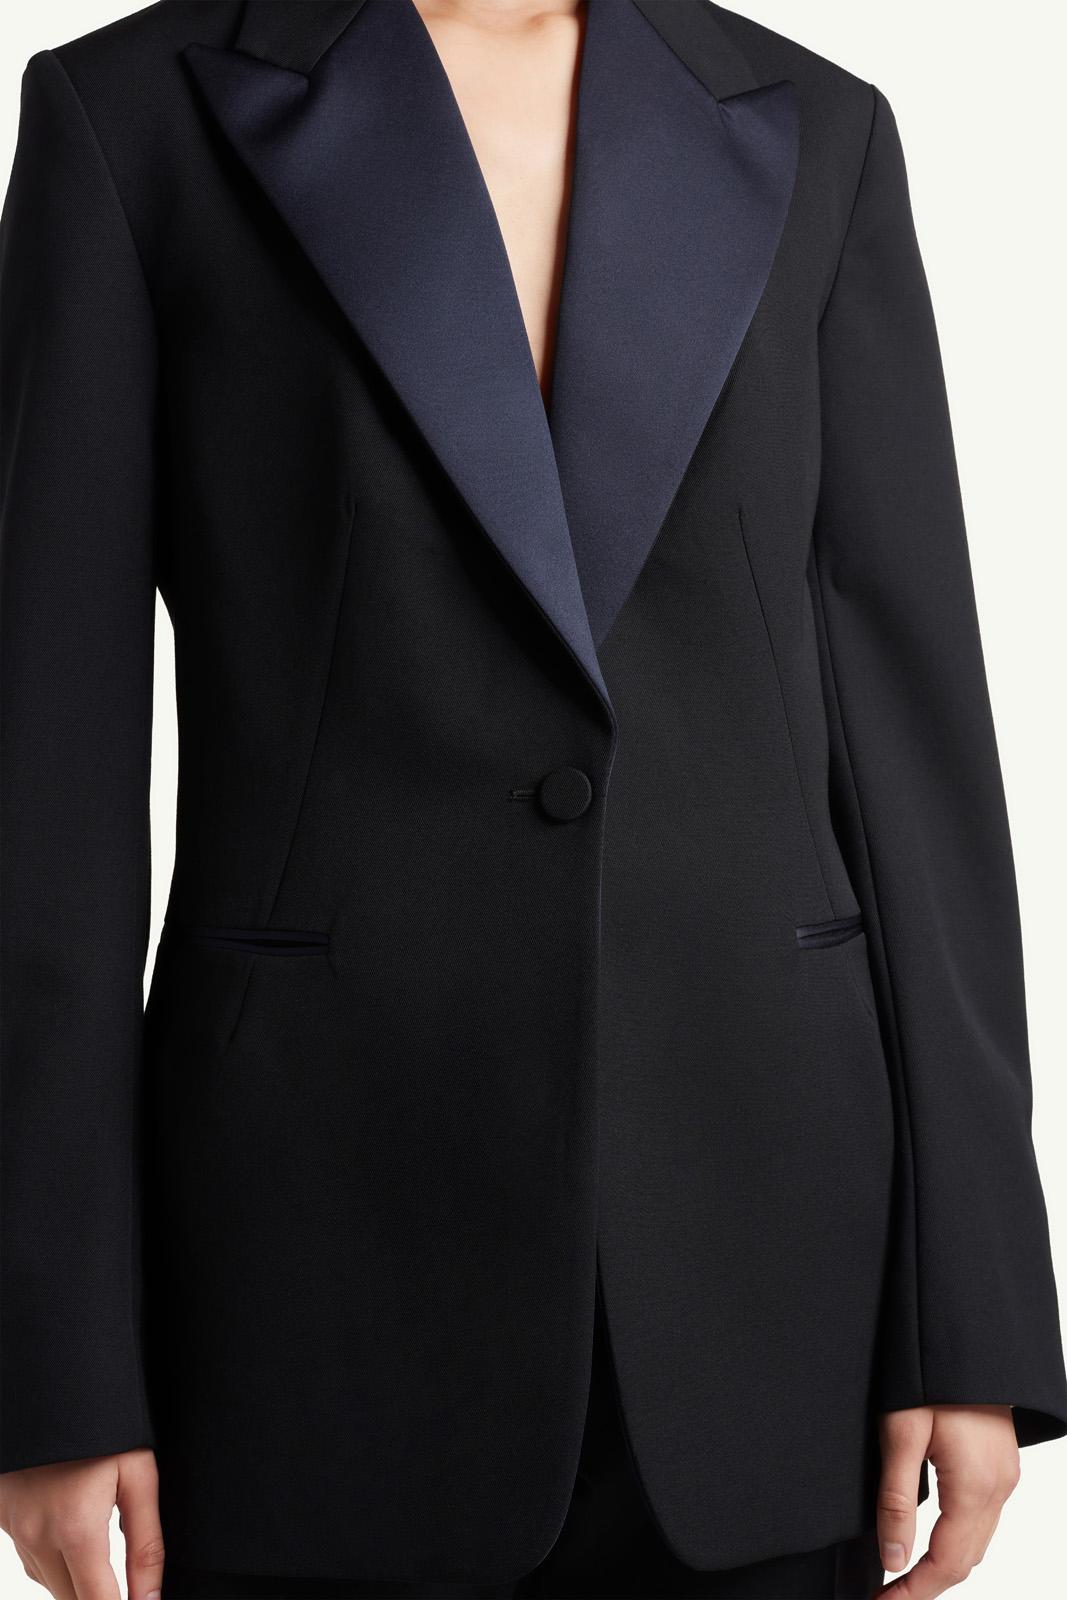 Detail shot of Womenswear model wearing  black Wales Bonner suit